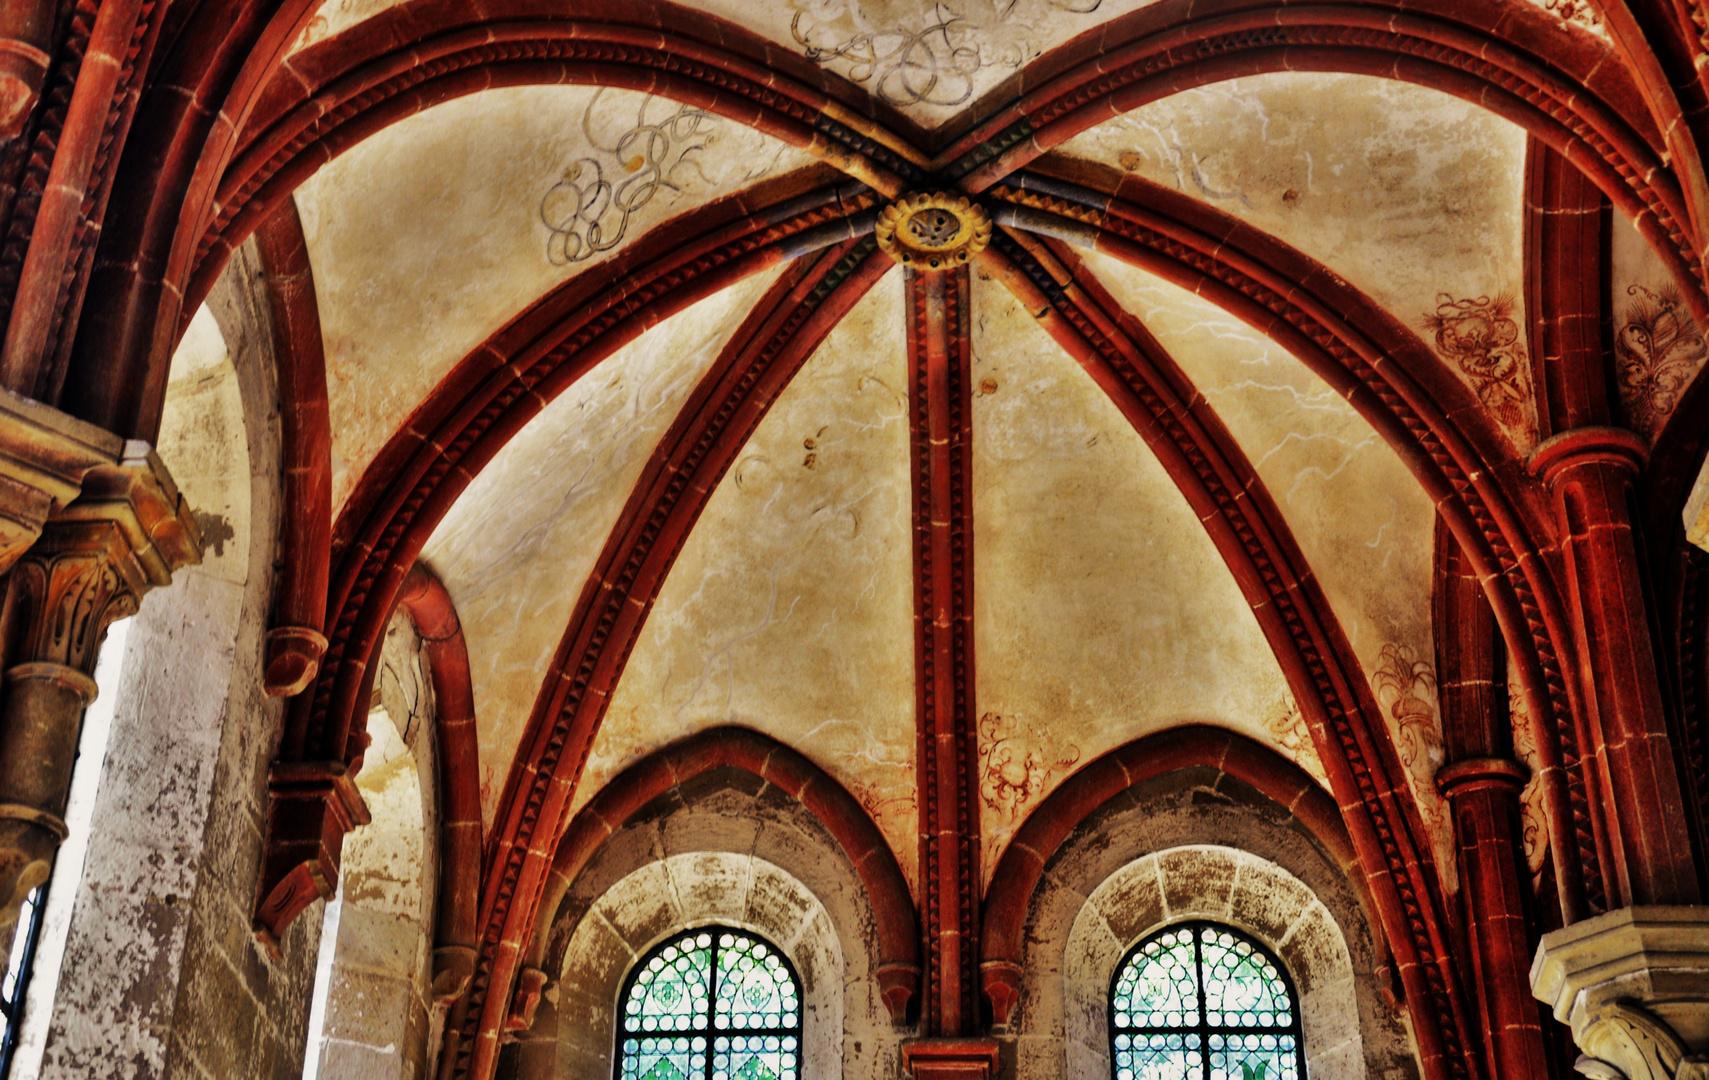 eine weitere Innenansicht des Klosters Maulbronn 6